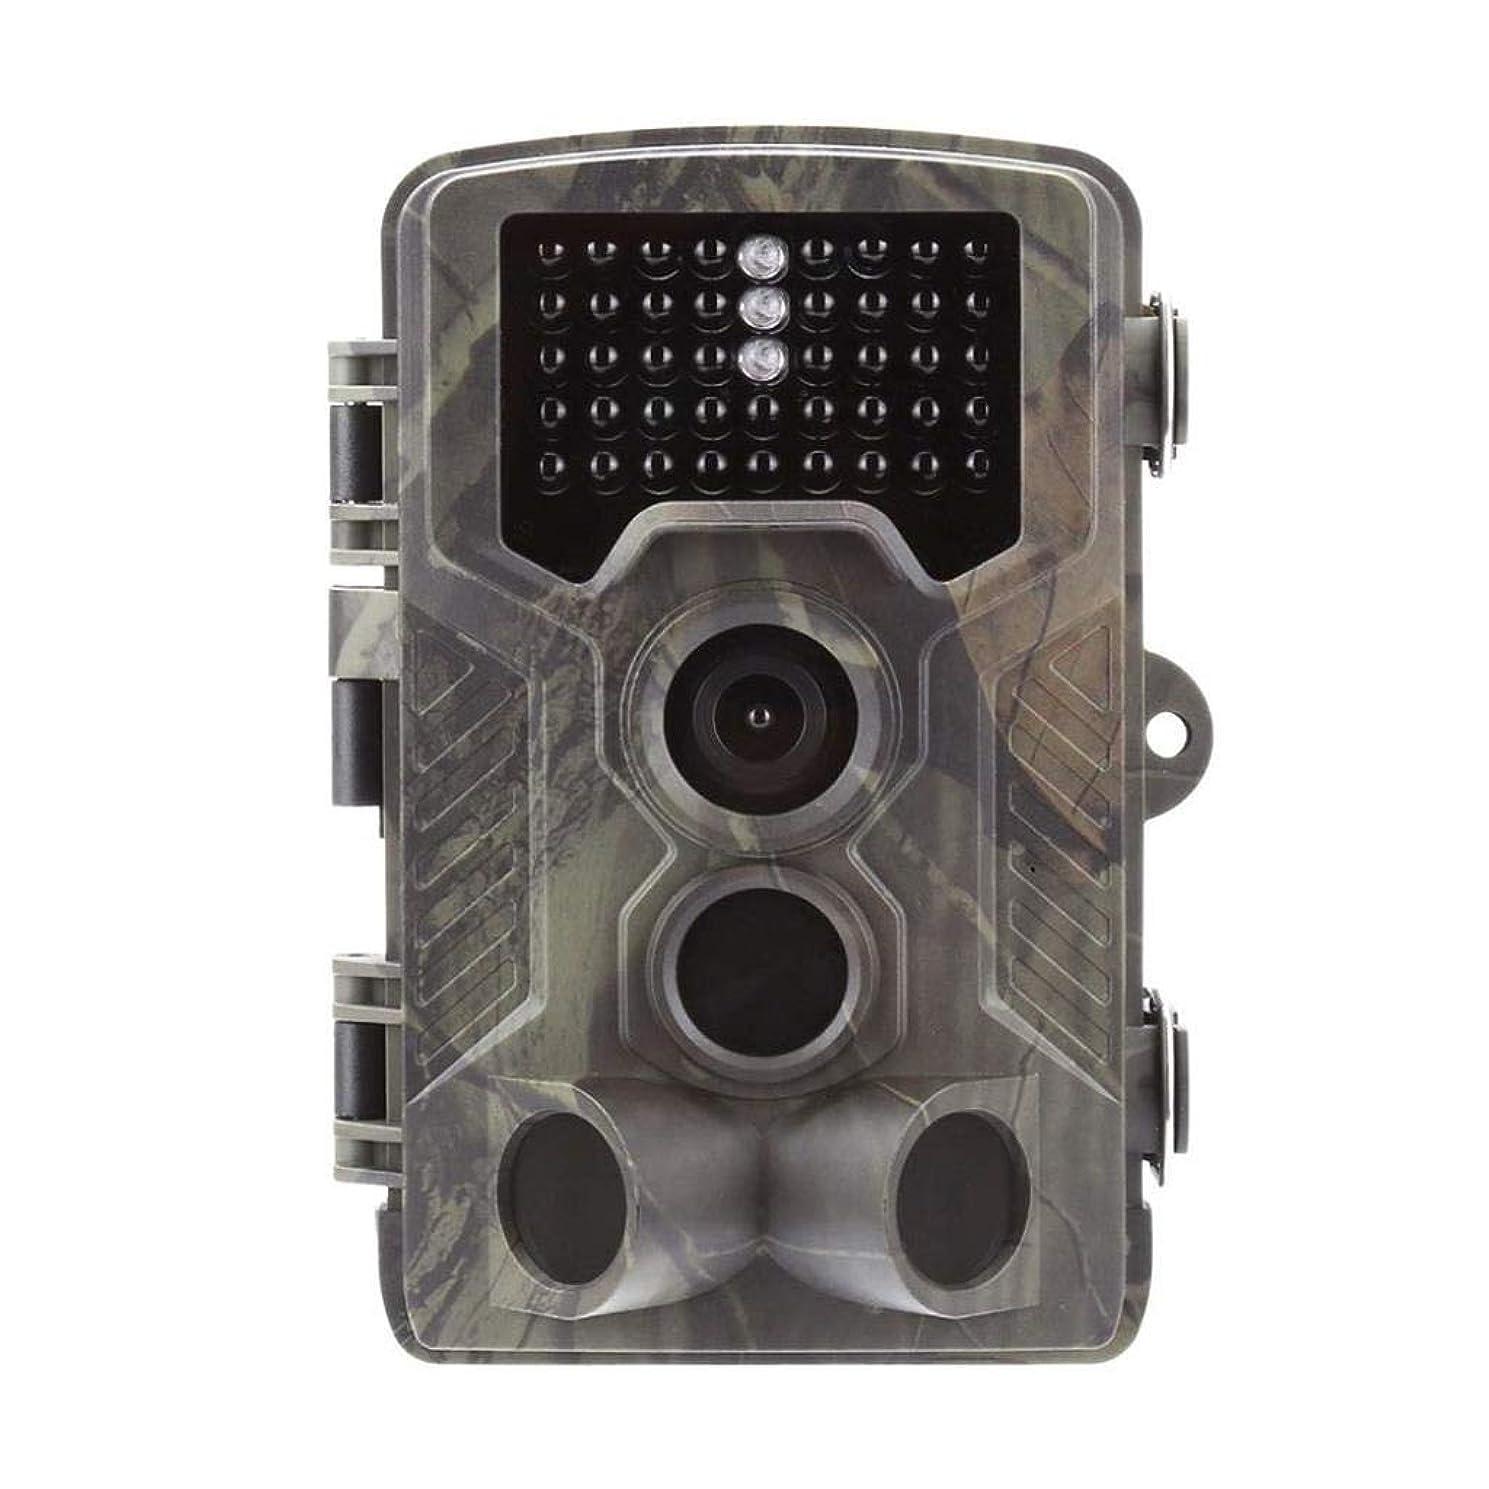 第二柔らかい足不条理4グラム野生動物カメラトラップ16MP 1080 p野生キャプチャカム赤外線モーション活性化ナイトビジョンip65防水用屋外フィールドホームセキュリティ監視